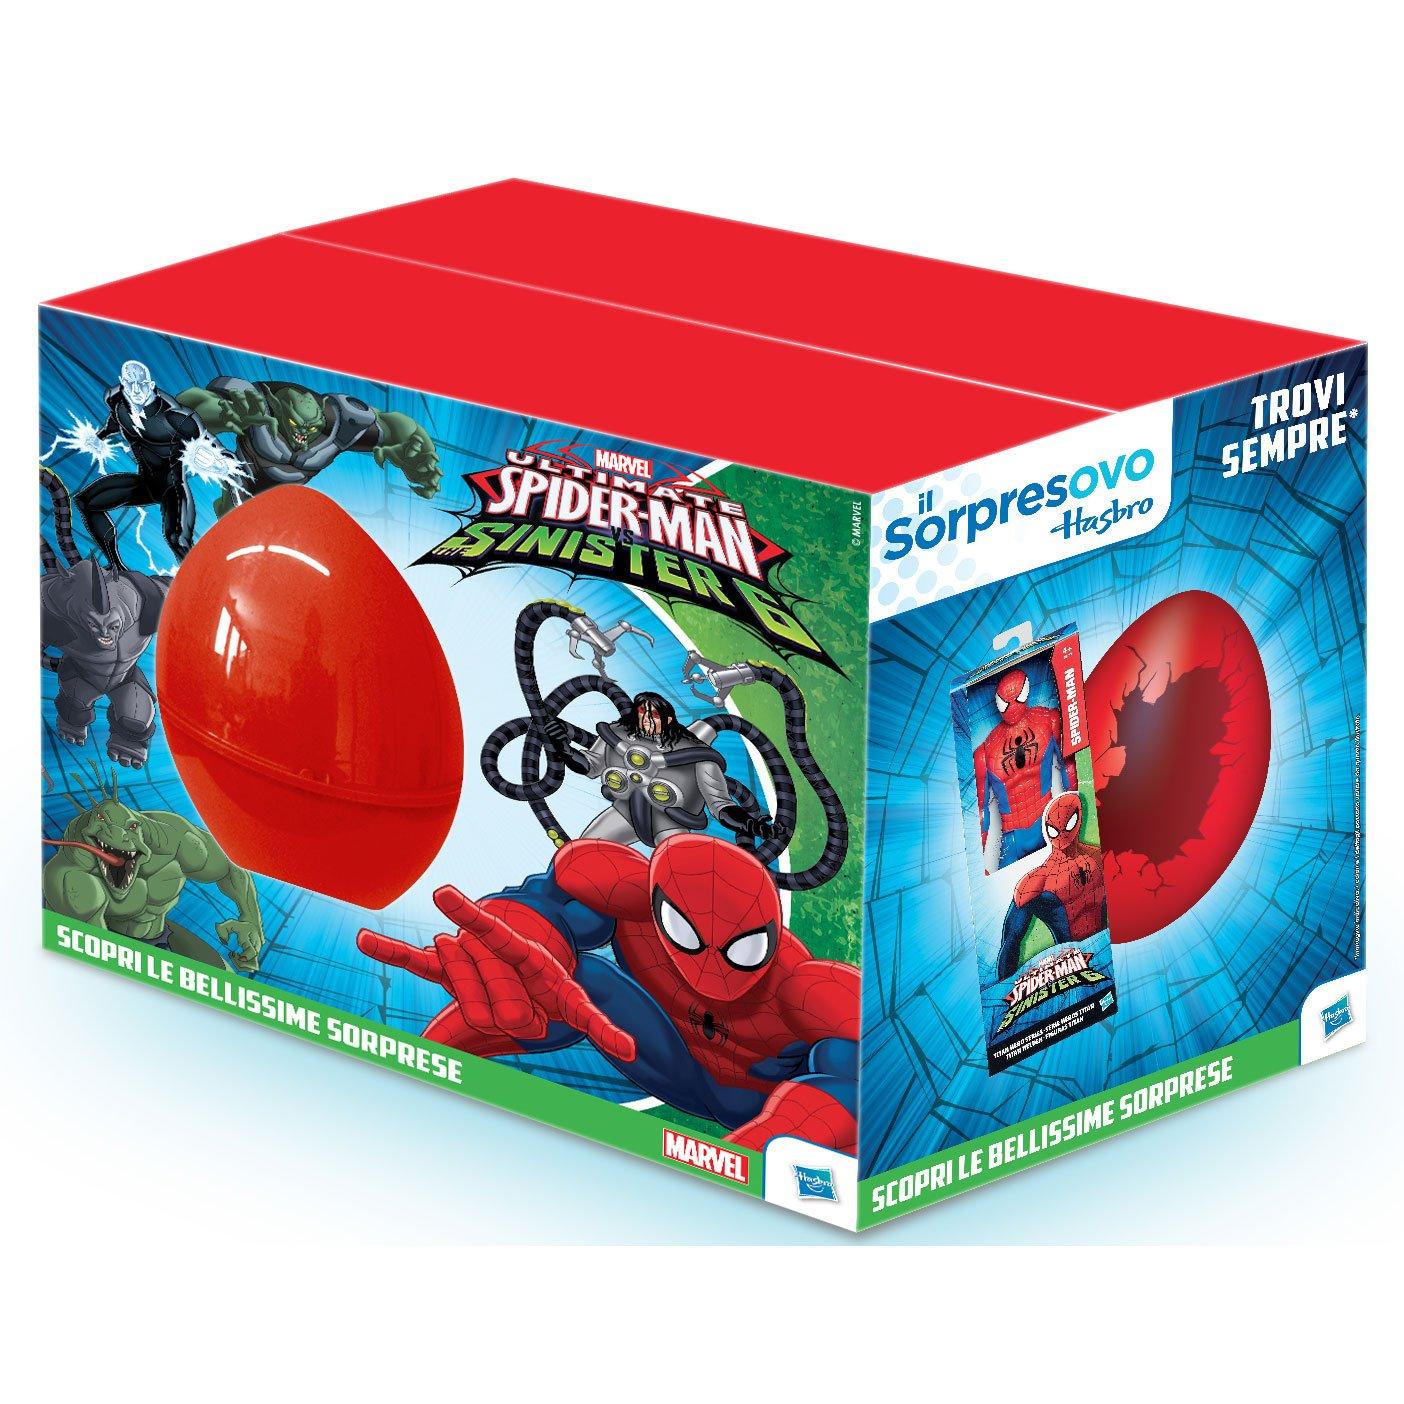 Spiderman - Sorpresovo Hasbro al miglior prezzo